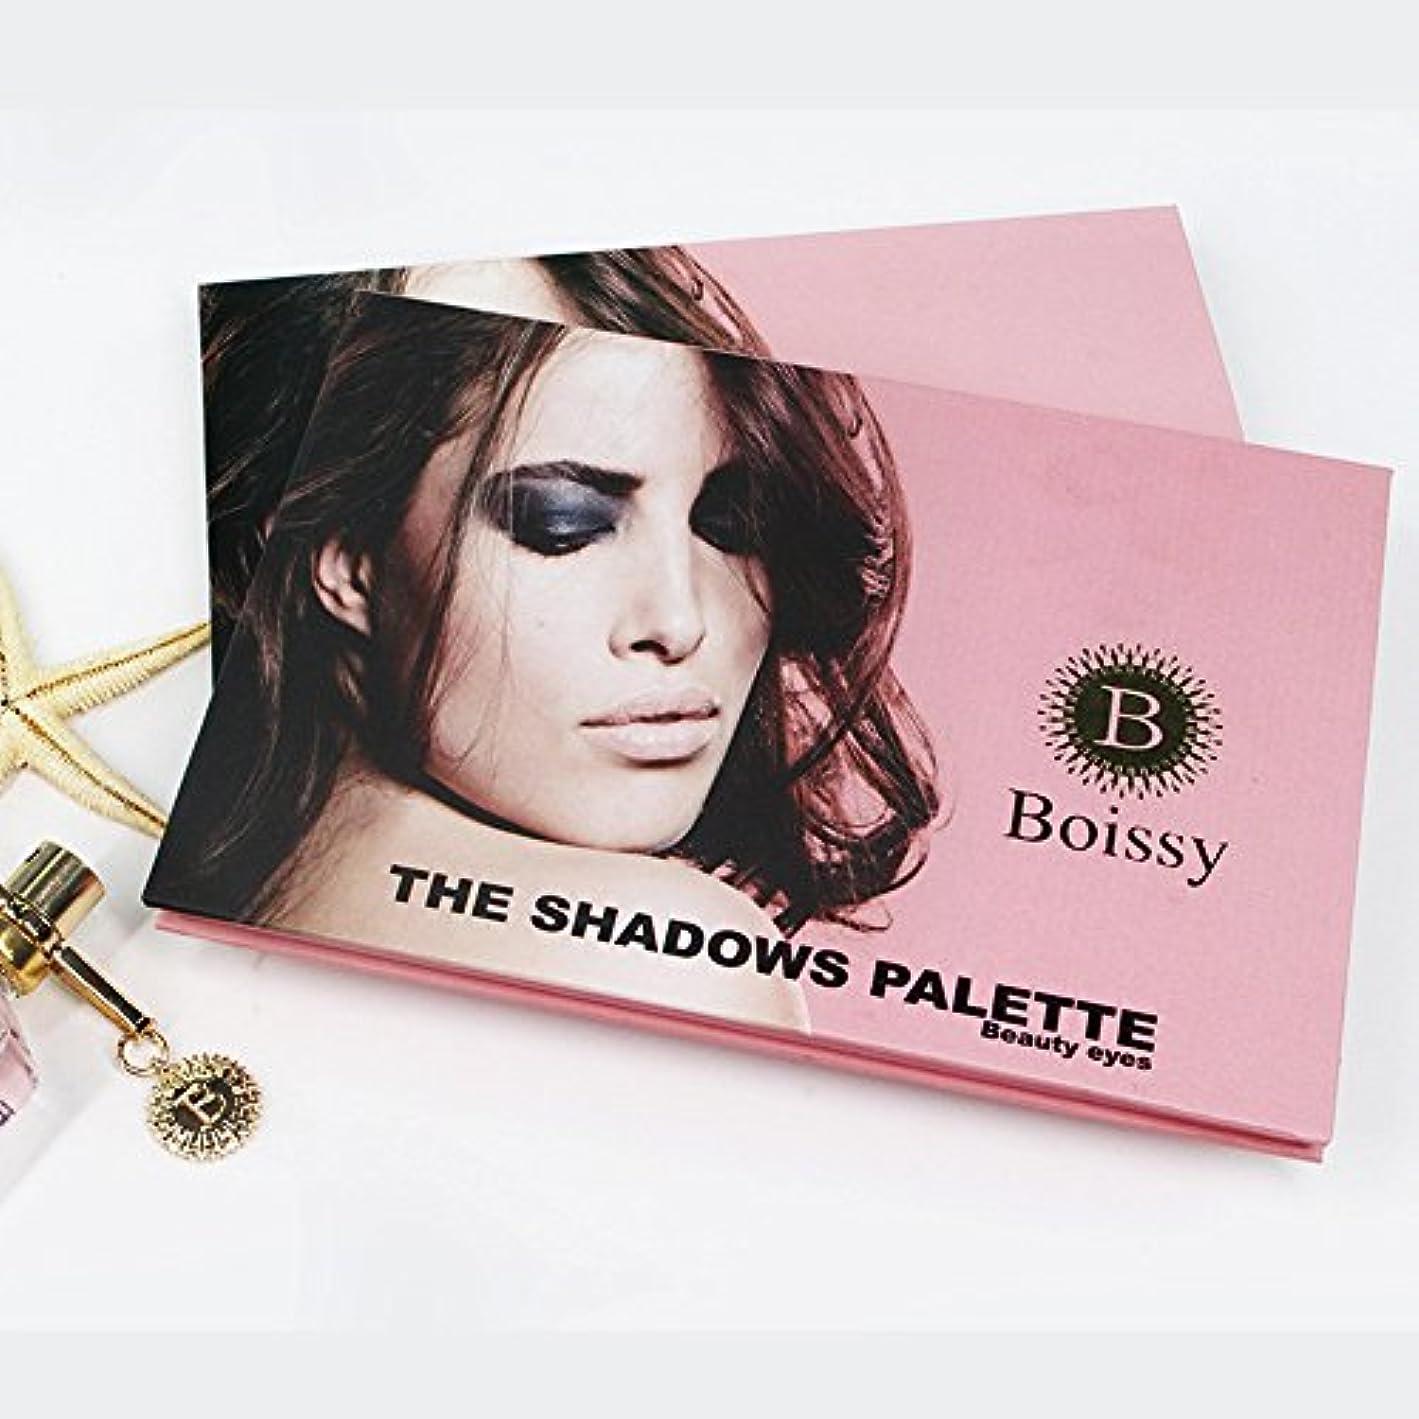 曇った時間実際のAkane アイシャドウパレット BOISSY ファッション 可愛い 魅力的 キラキラ 人気 ピンク 綺麗 長持ち おしゃれ 防水 チャーム 日常 持ち便利 Eye Shadow (24色)